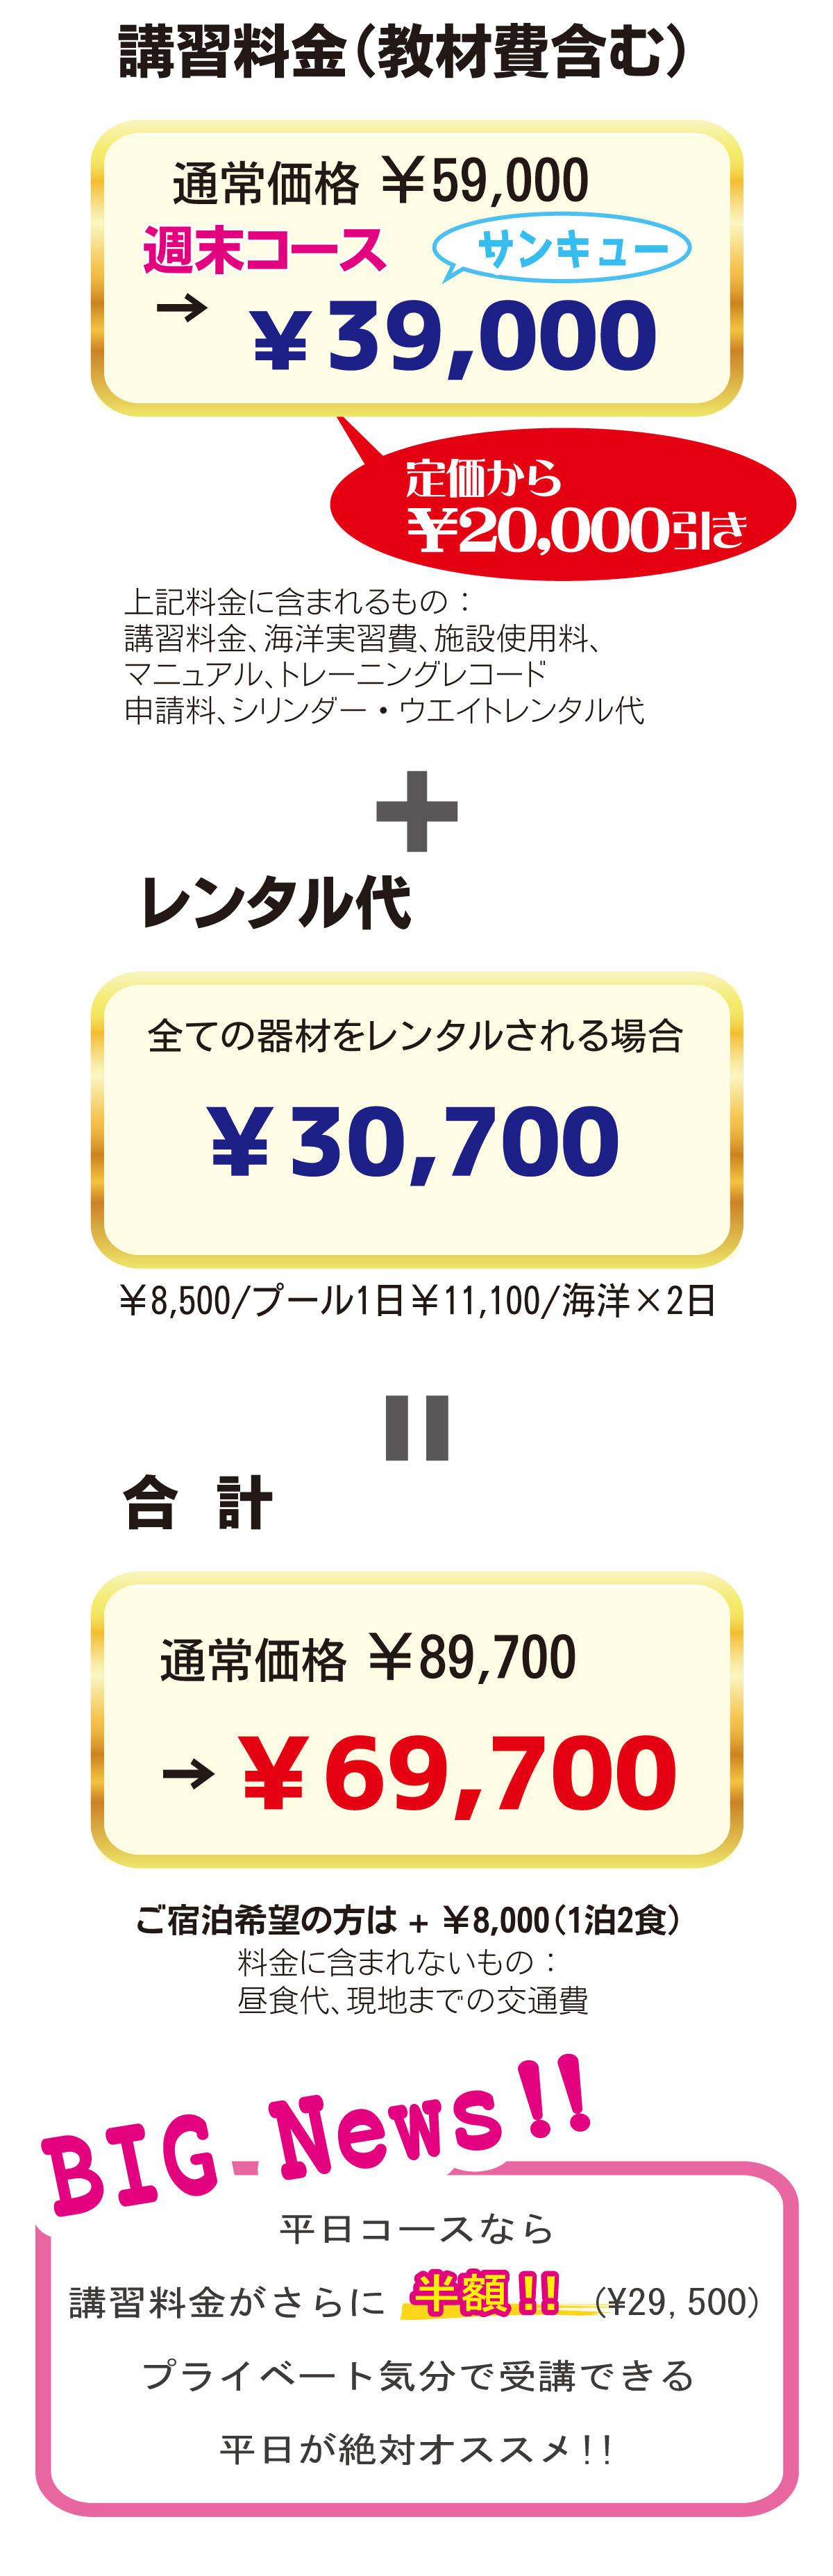 講習料金39,000円+レンタル代30,700円=69,700円